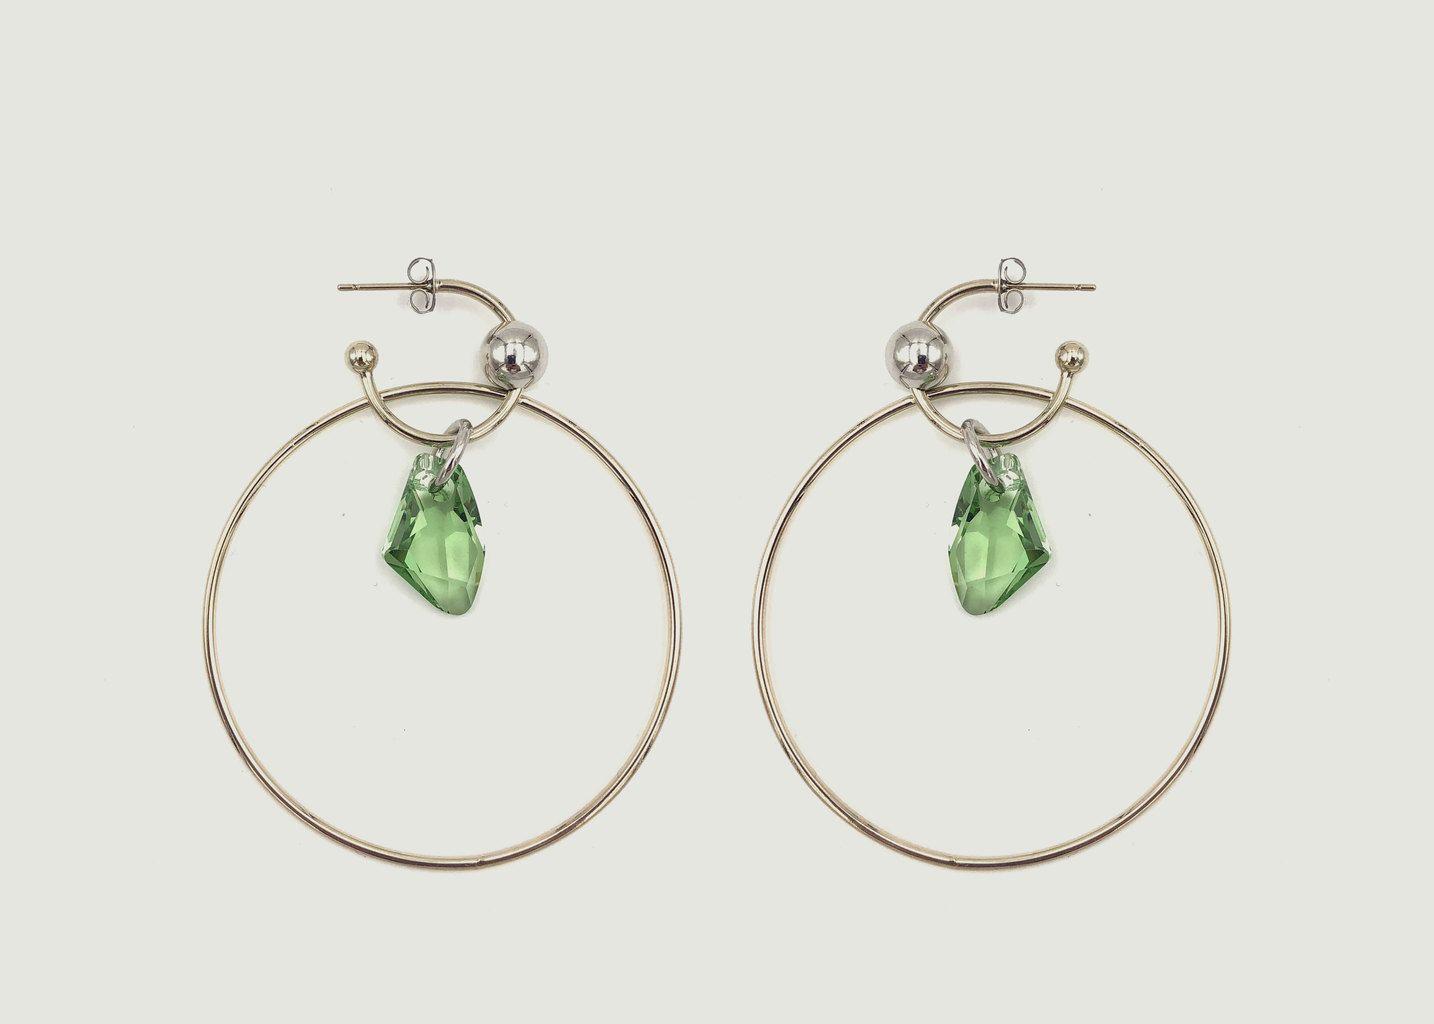 Boucles d'Oreilles Ariane - Justine Clenquet